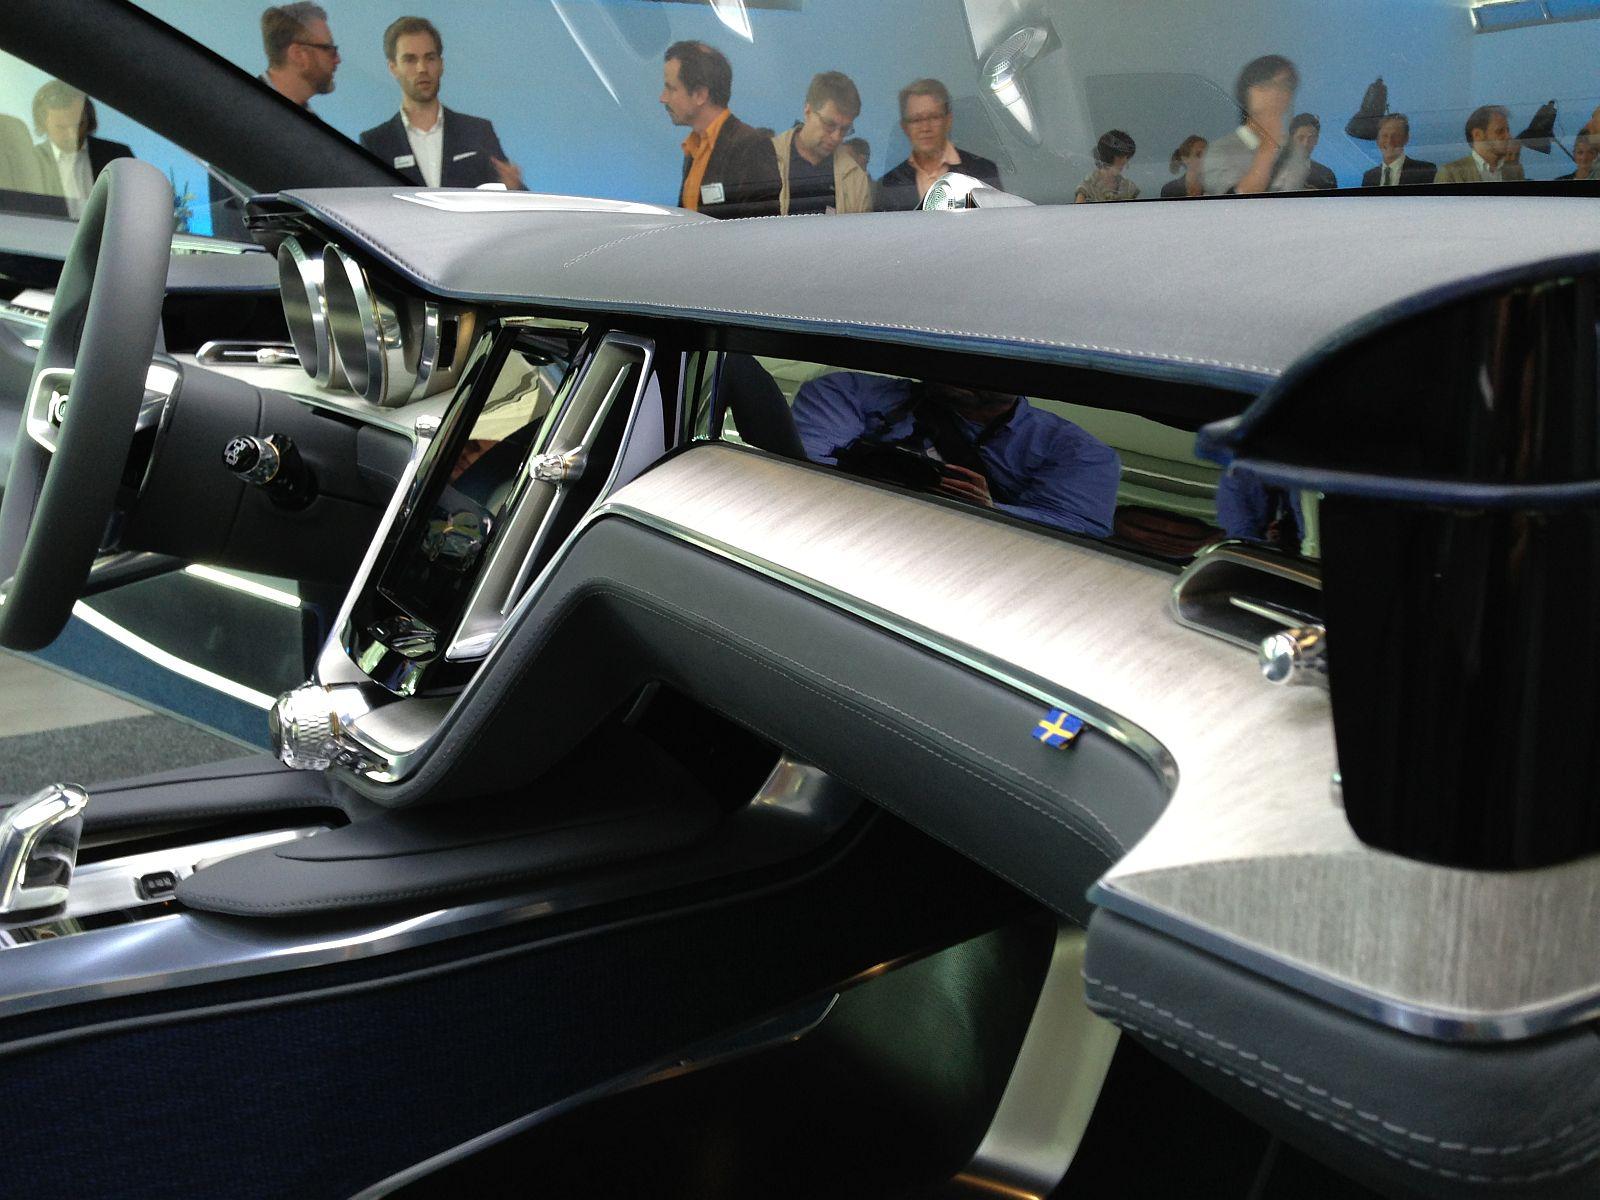 Дизайн приборной панели авто